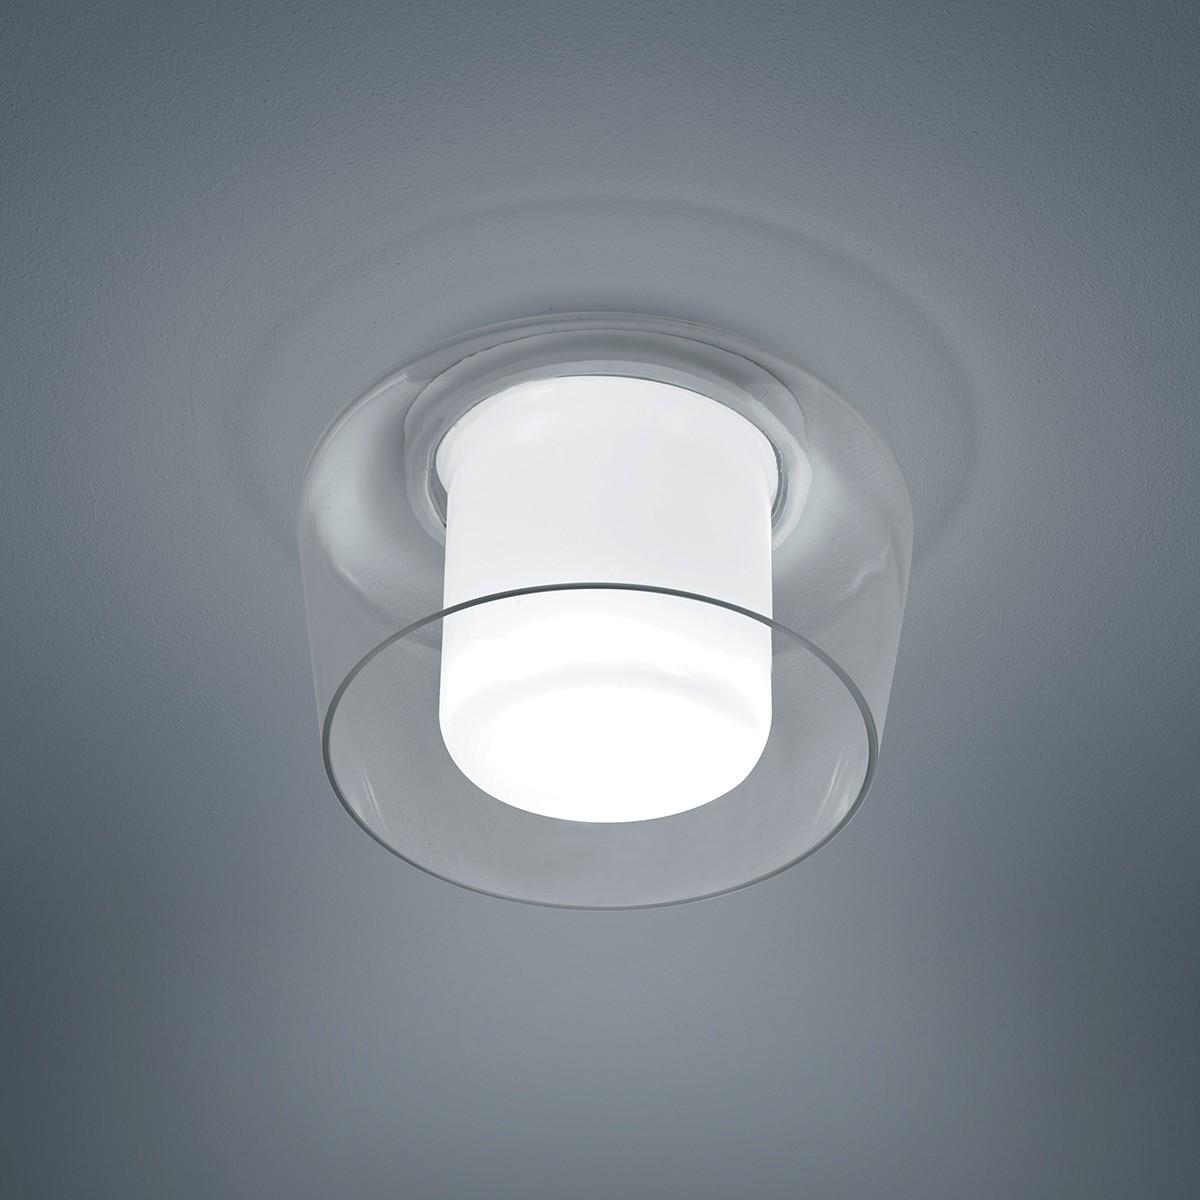 Helestra Canio Deckenleuchte, Glas opalweiß / klar